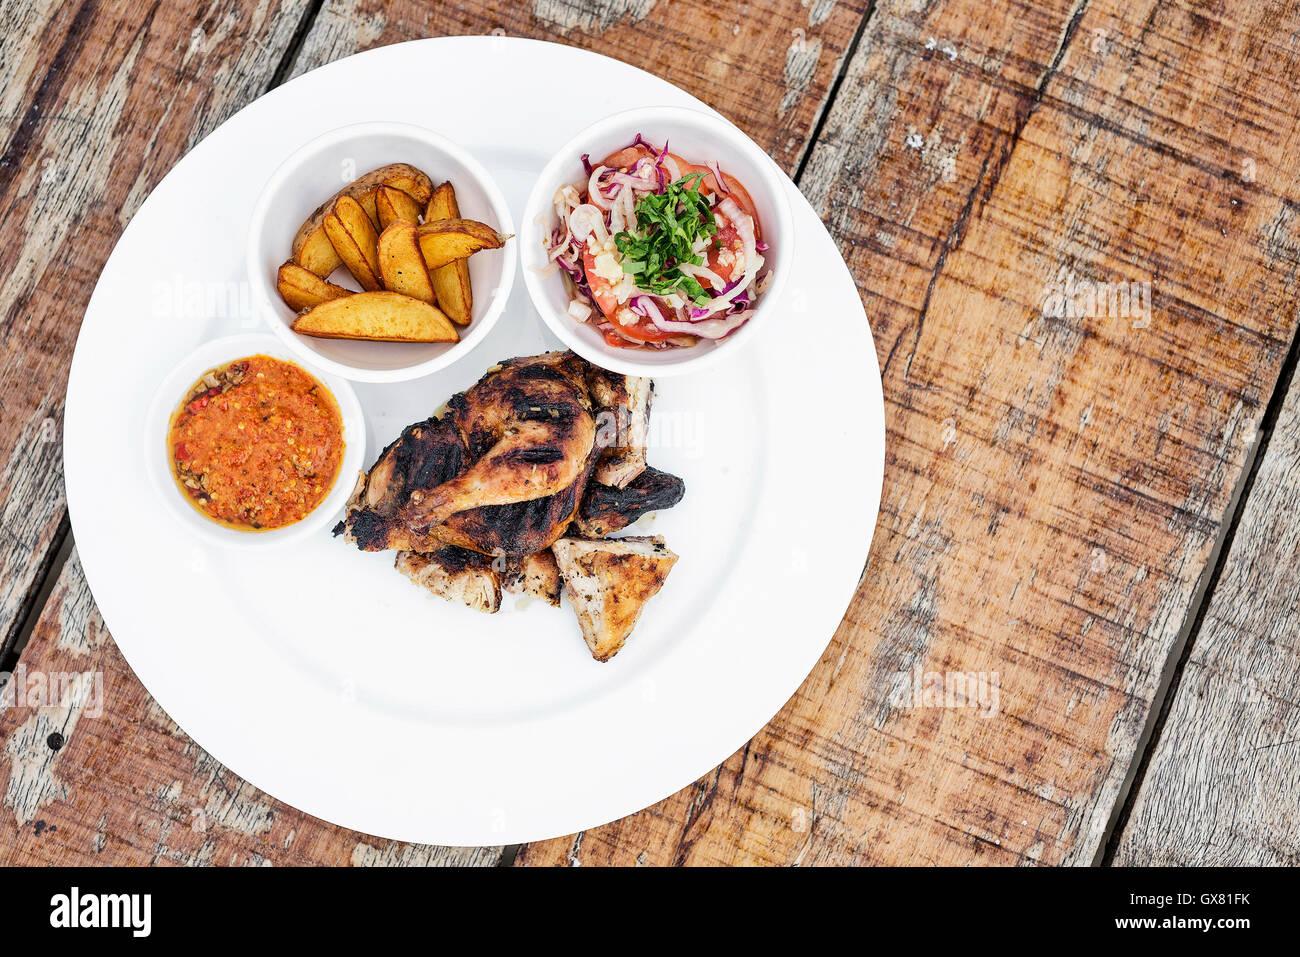 Piri Piri portoghese di pollo arrosto con african jindungo salsa piccante pasto Immagini Stock